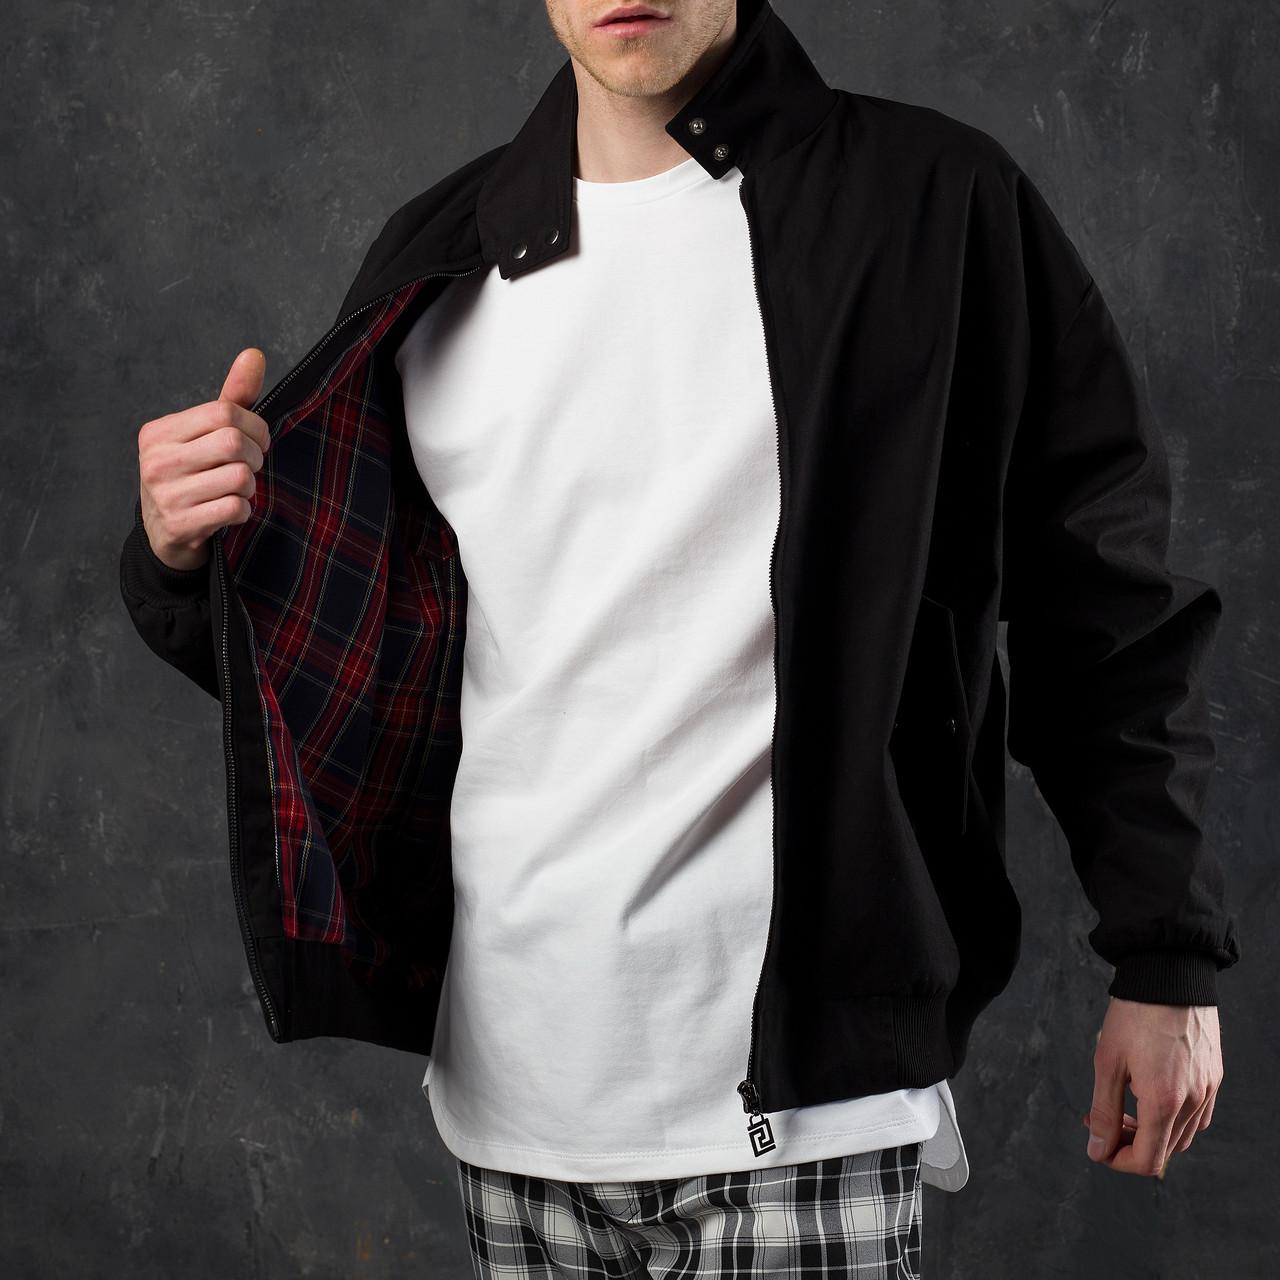 Куртка мужская черная на манжетах бренд ТУР модель Дуглас (Douglas)